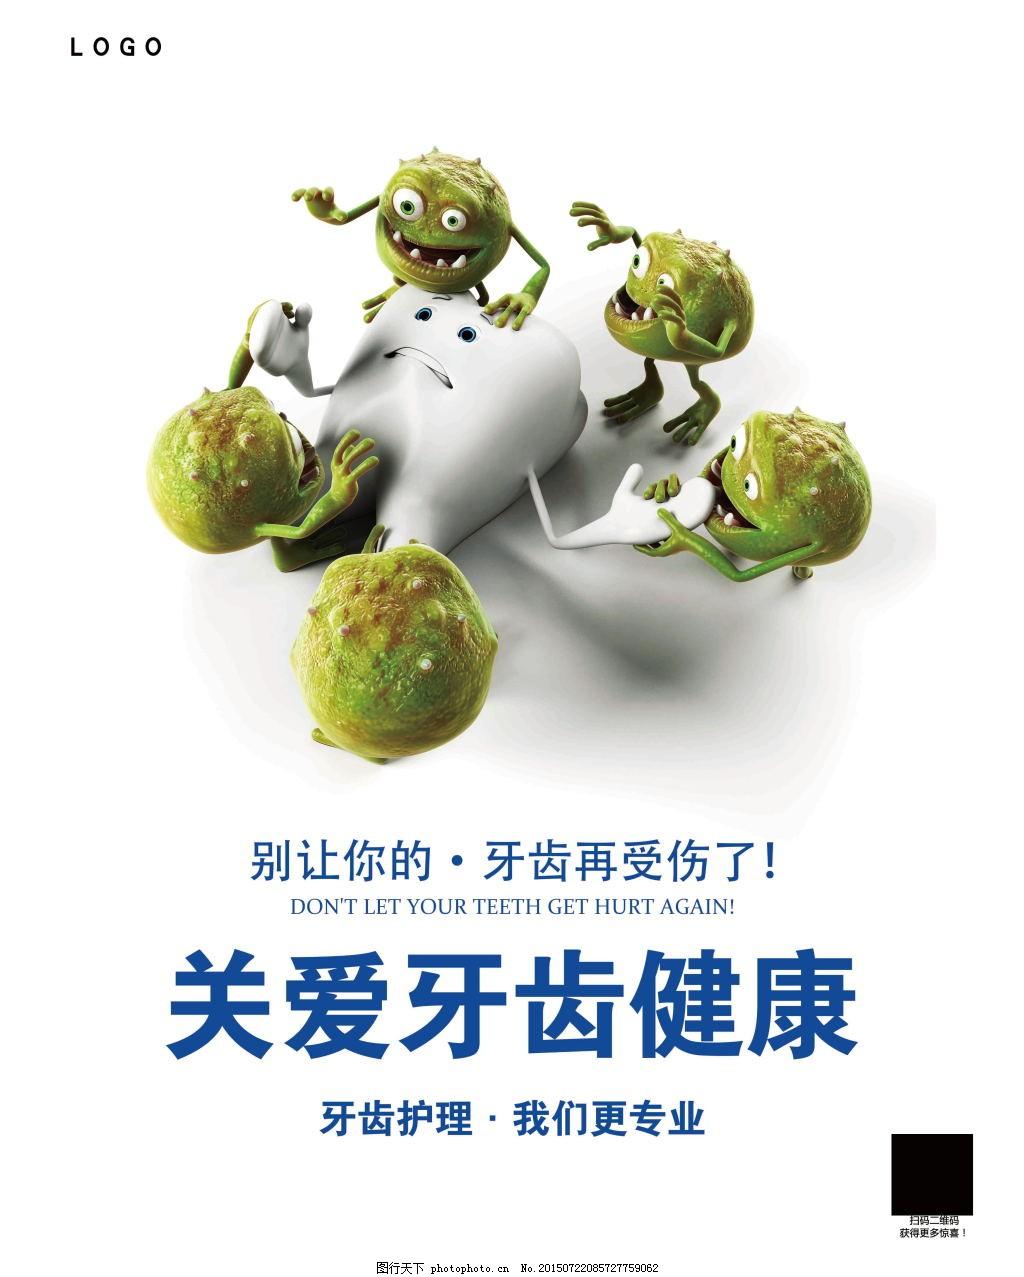 牙齿保健商业宣传海报